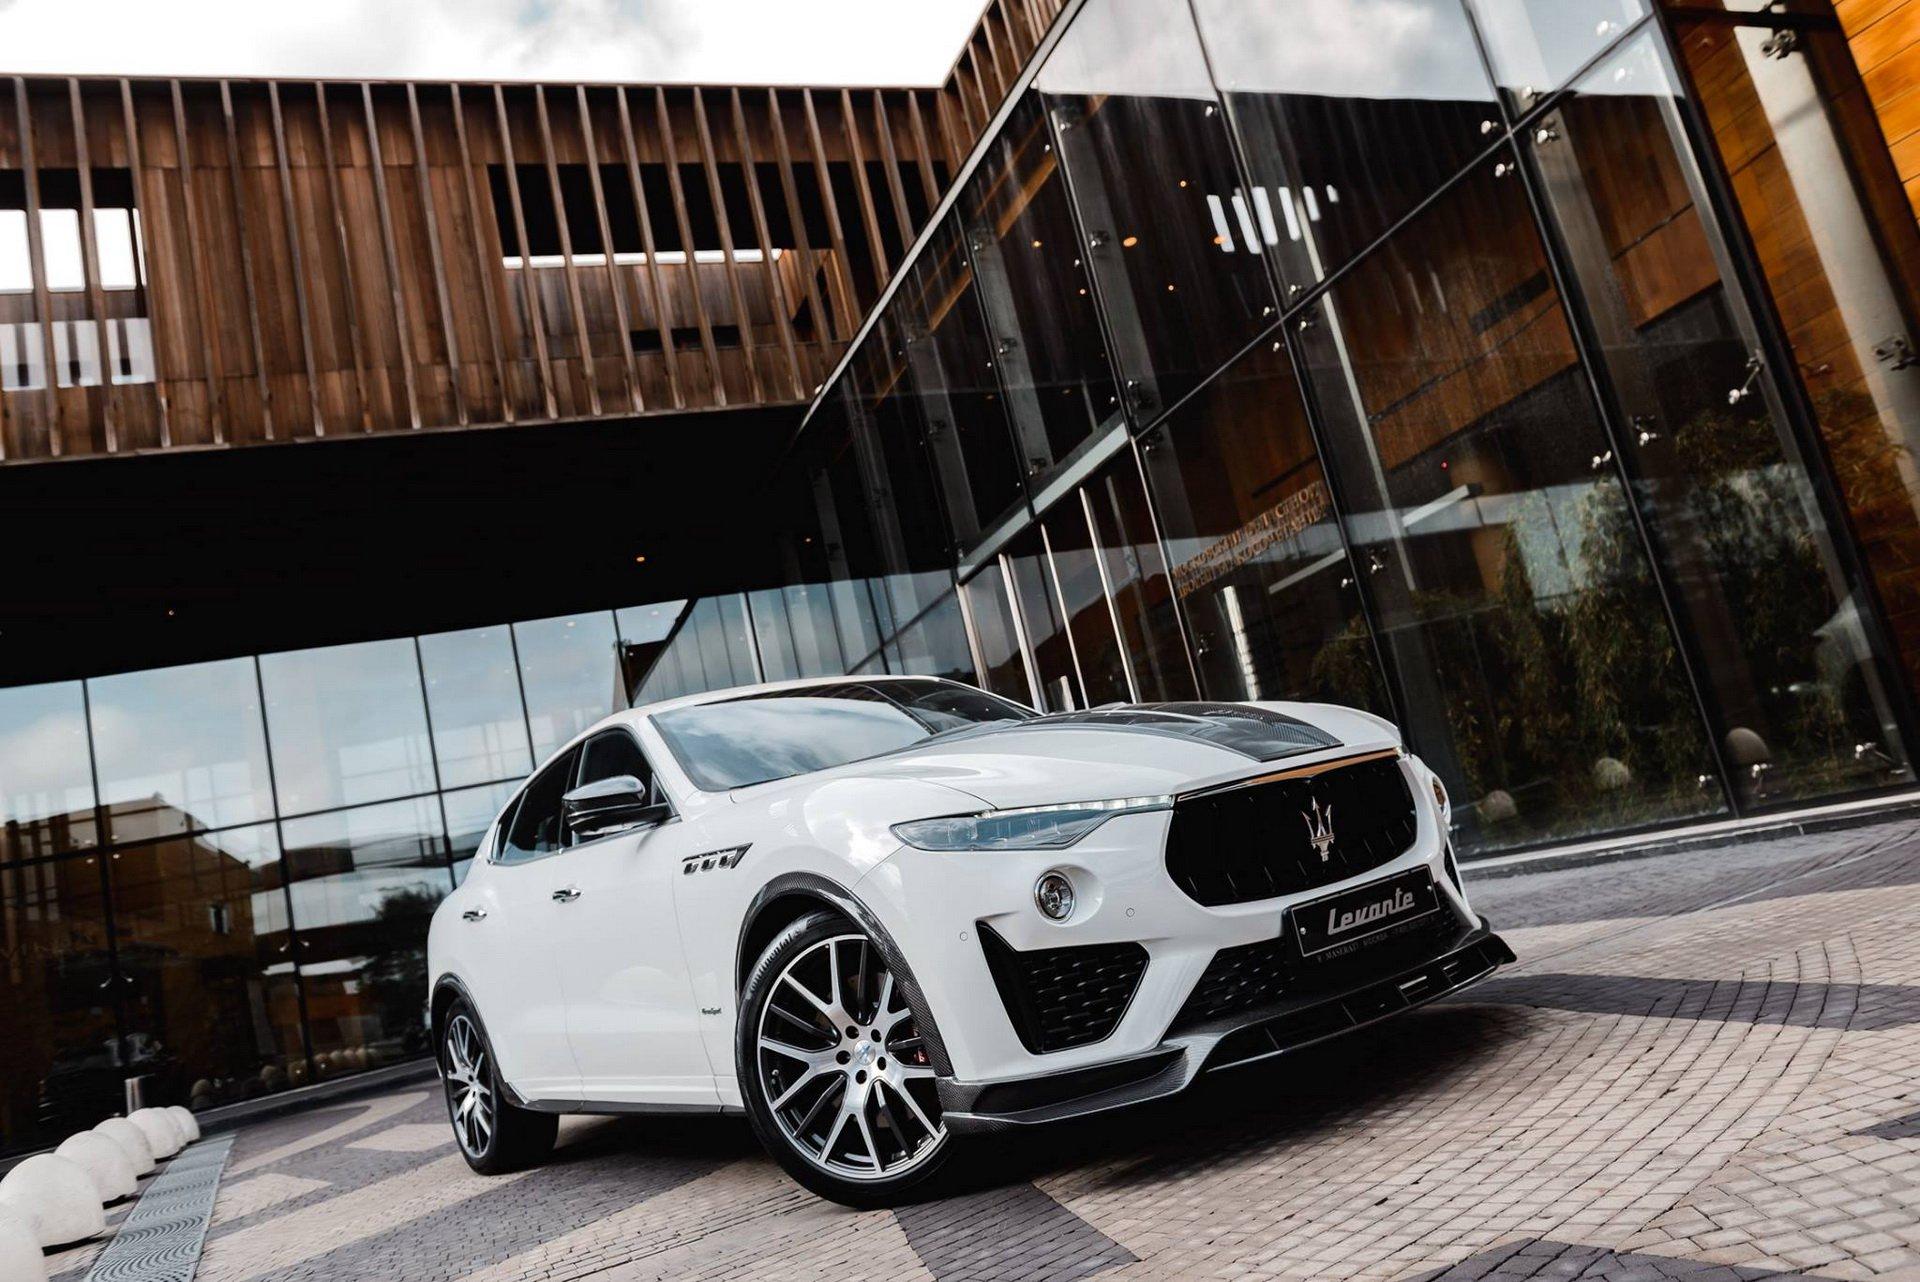 Maserati_Levante_Shtorm_GT_by_Larte_Design_0001